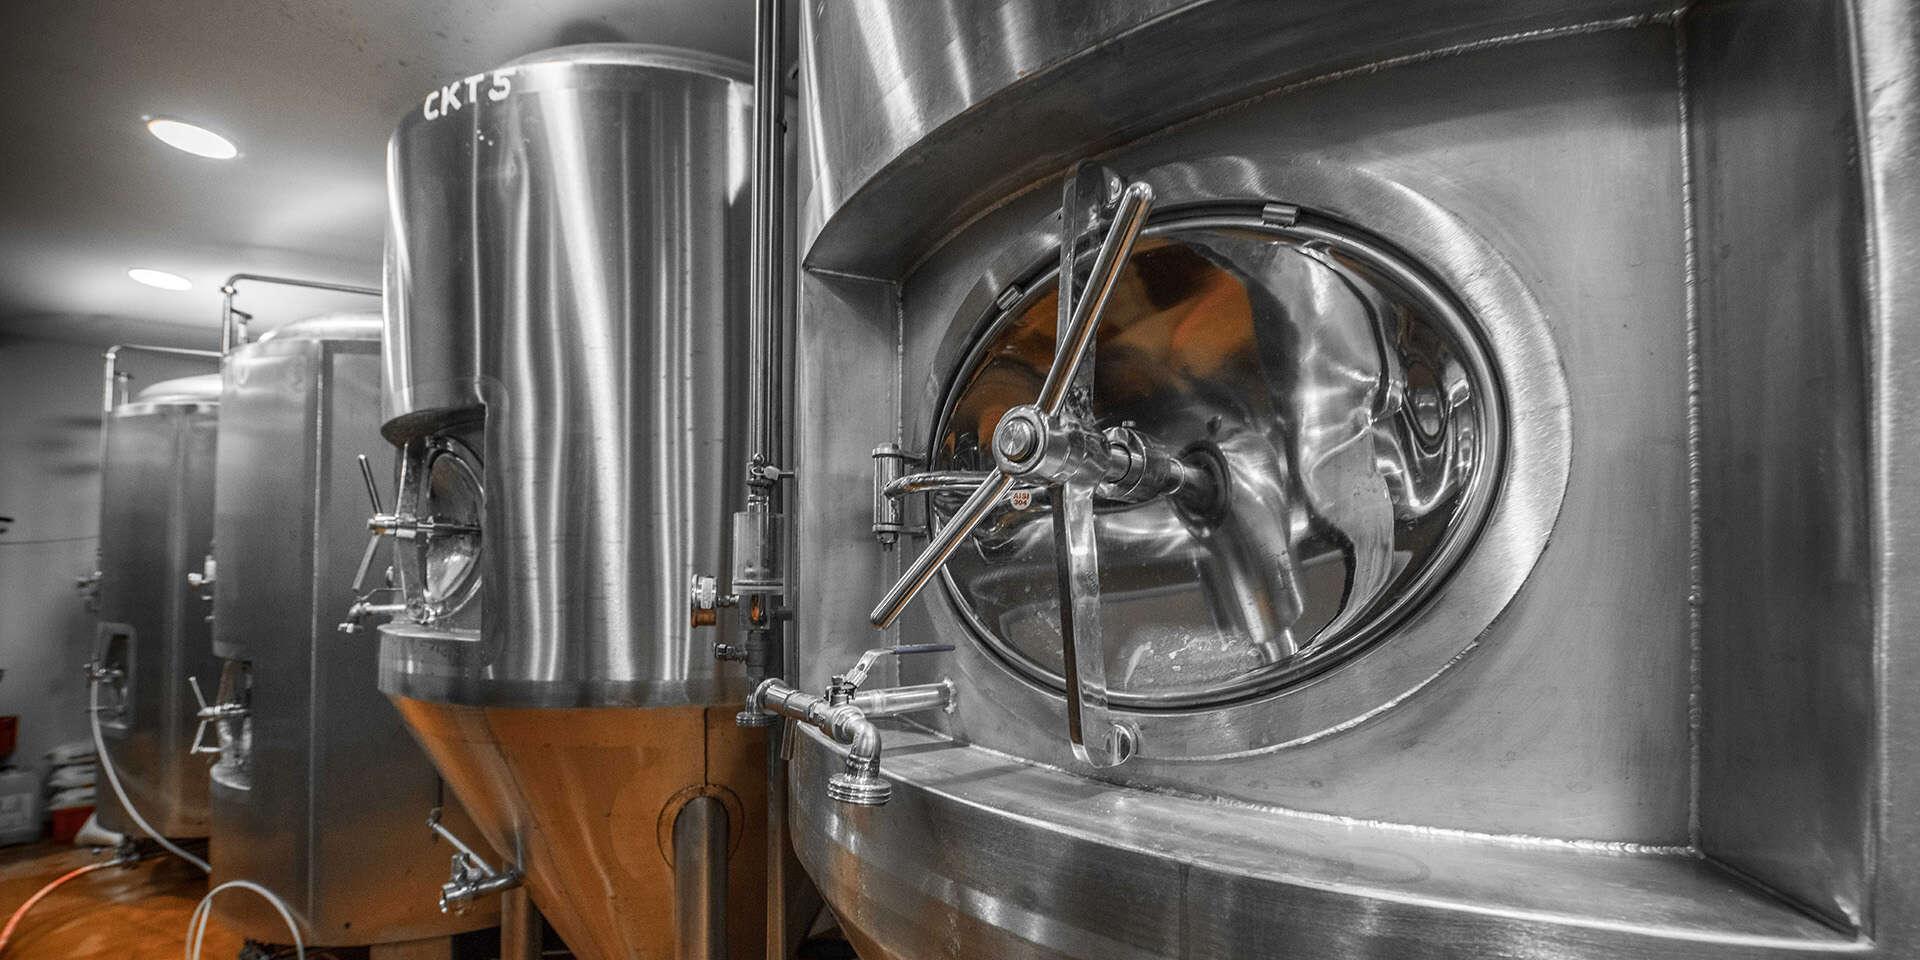 Prehliadka pivovaru WYWAR, grilované rebrá, ležiak a krígeľ na p...